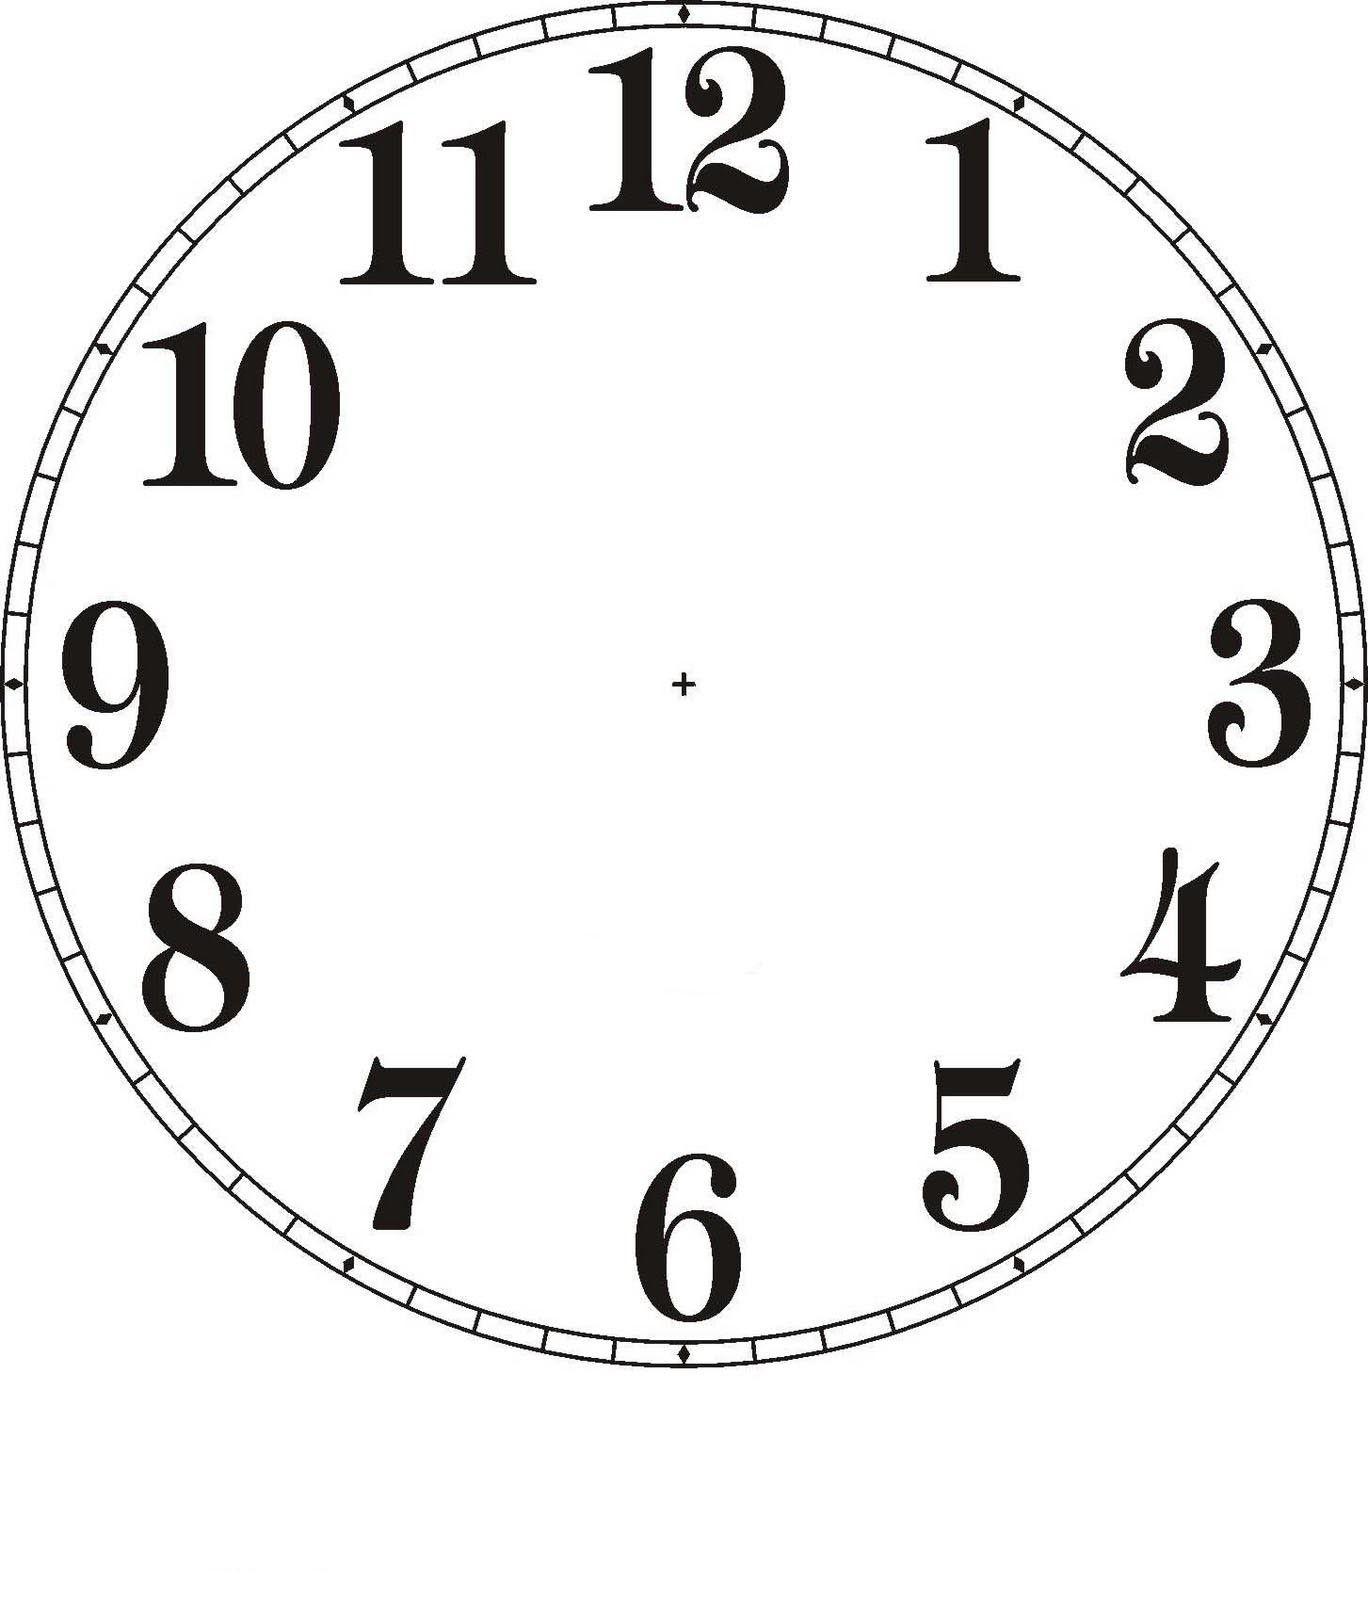 Actividades Para Ninos Preescolar Primaria E Inicial Que Hora Es 2 Relojes Manualidades Reloj Vintage Relojes Blancos